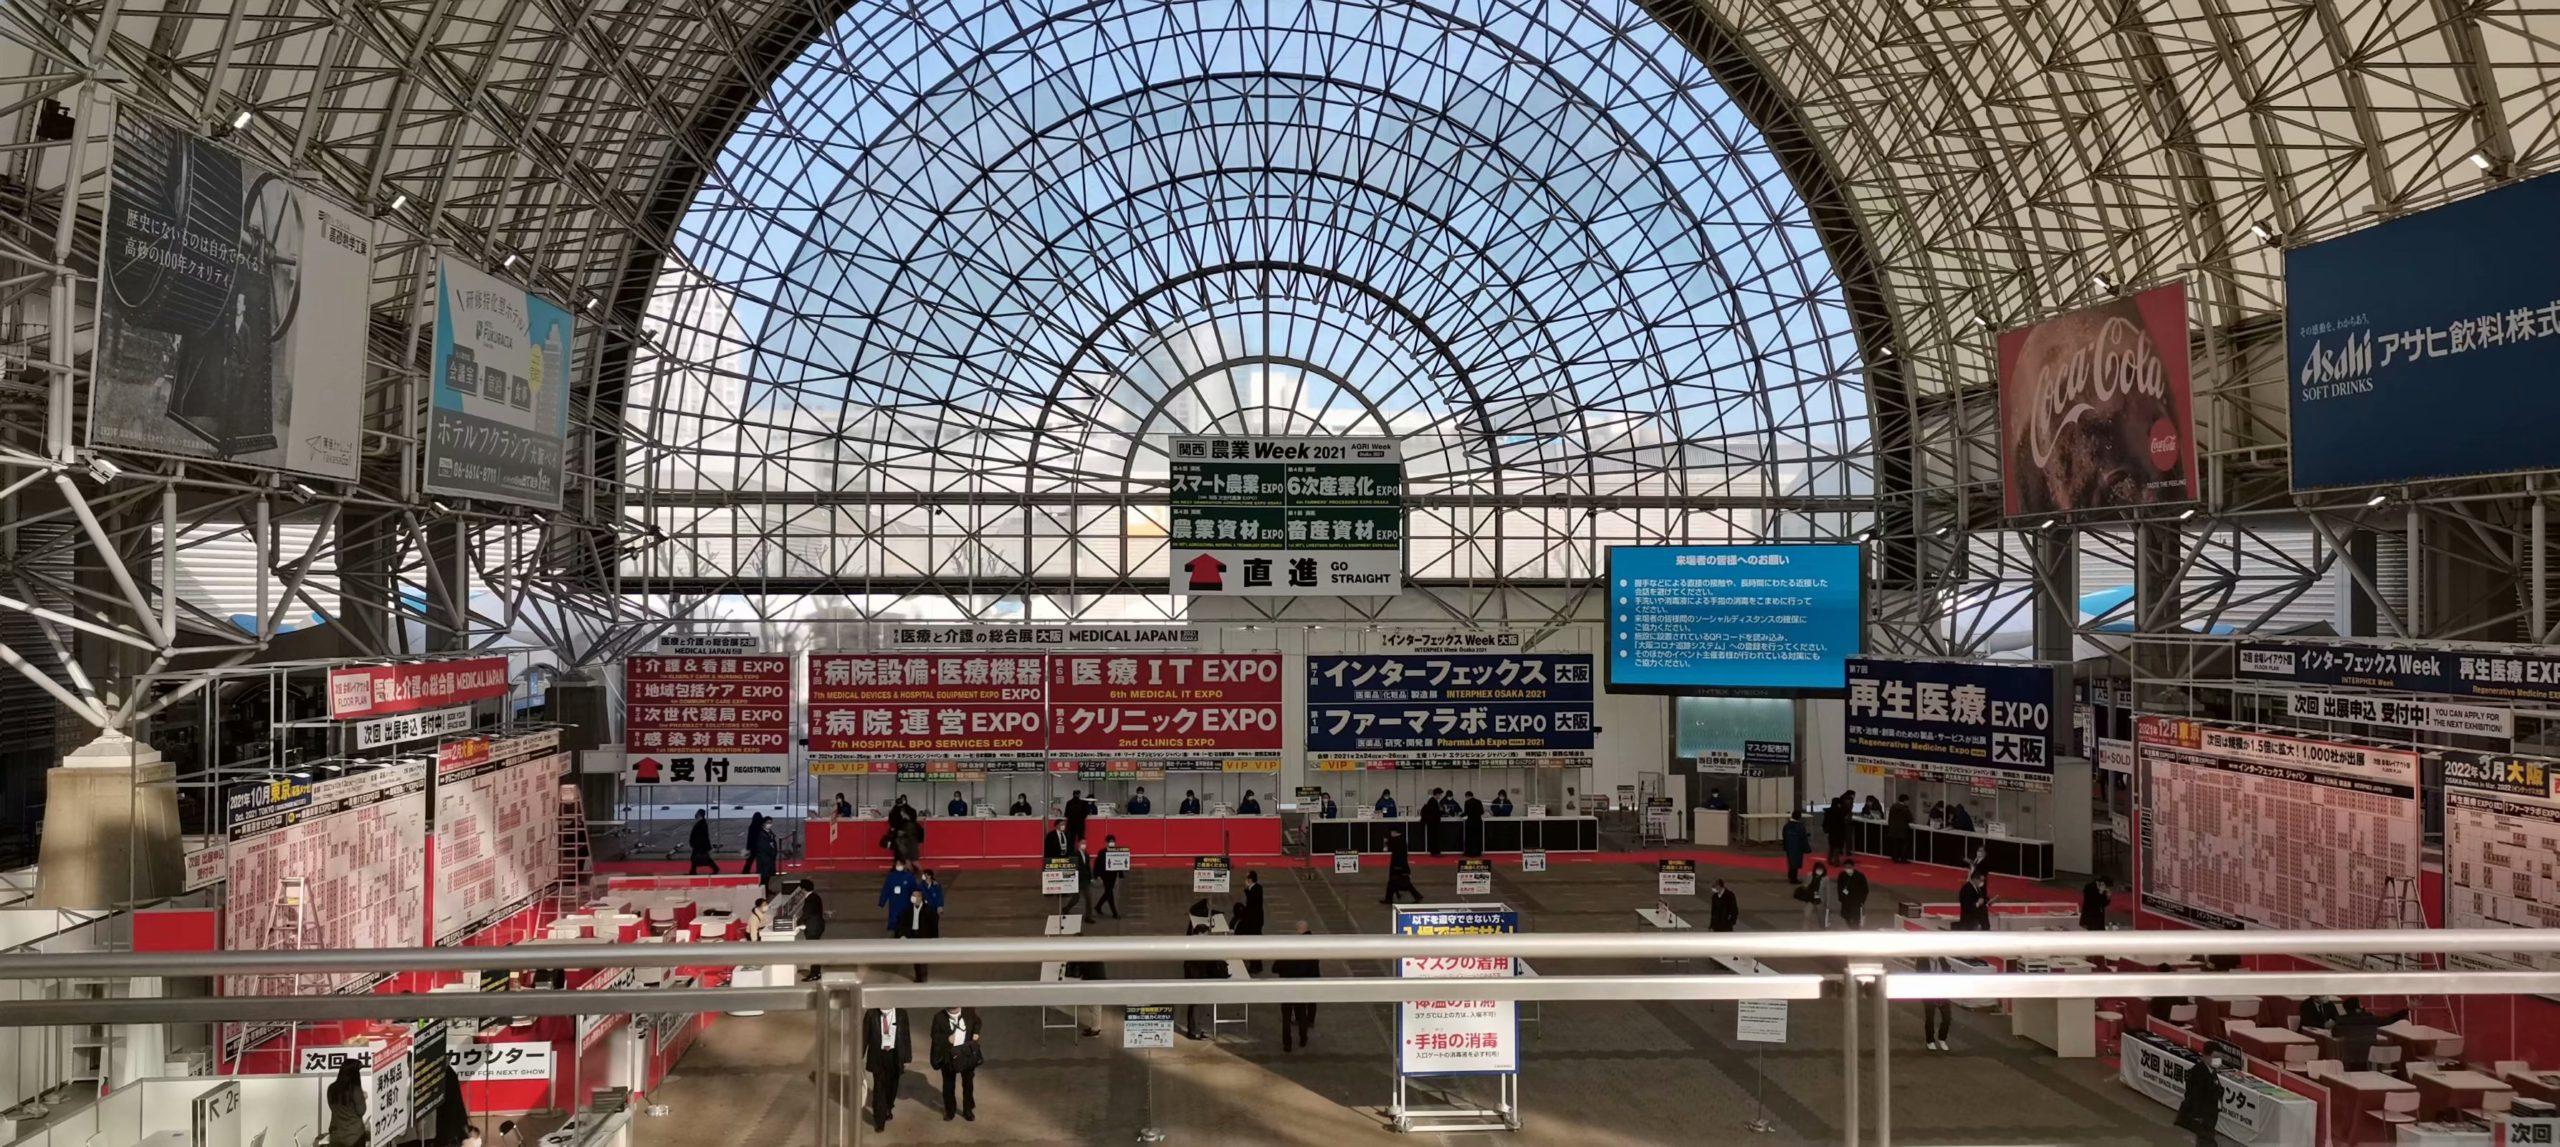 ≪ 第7回介護&看護 EXPO[大阪] ≫本日開幕! インテックス大阪にて開催中